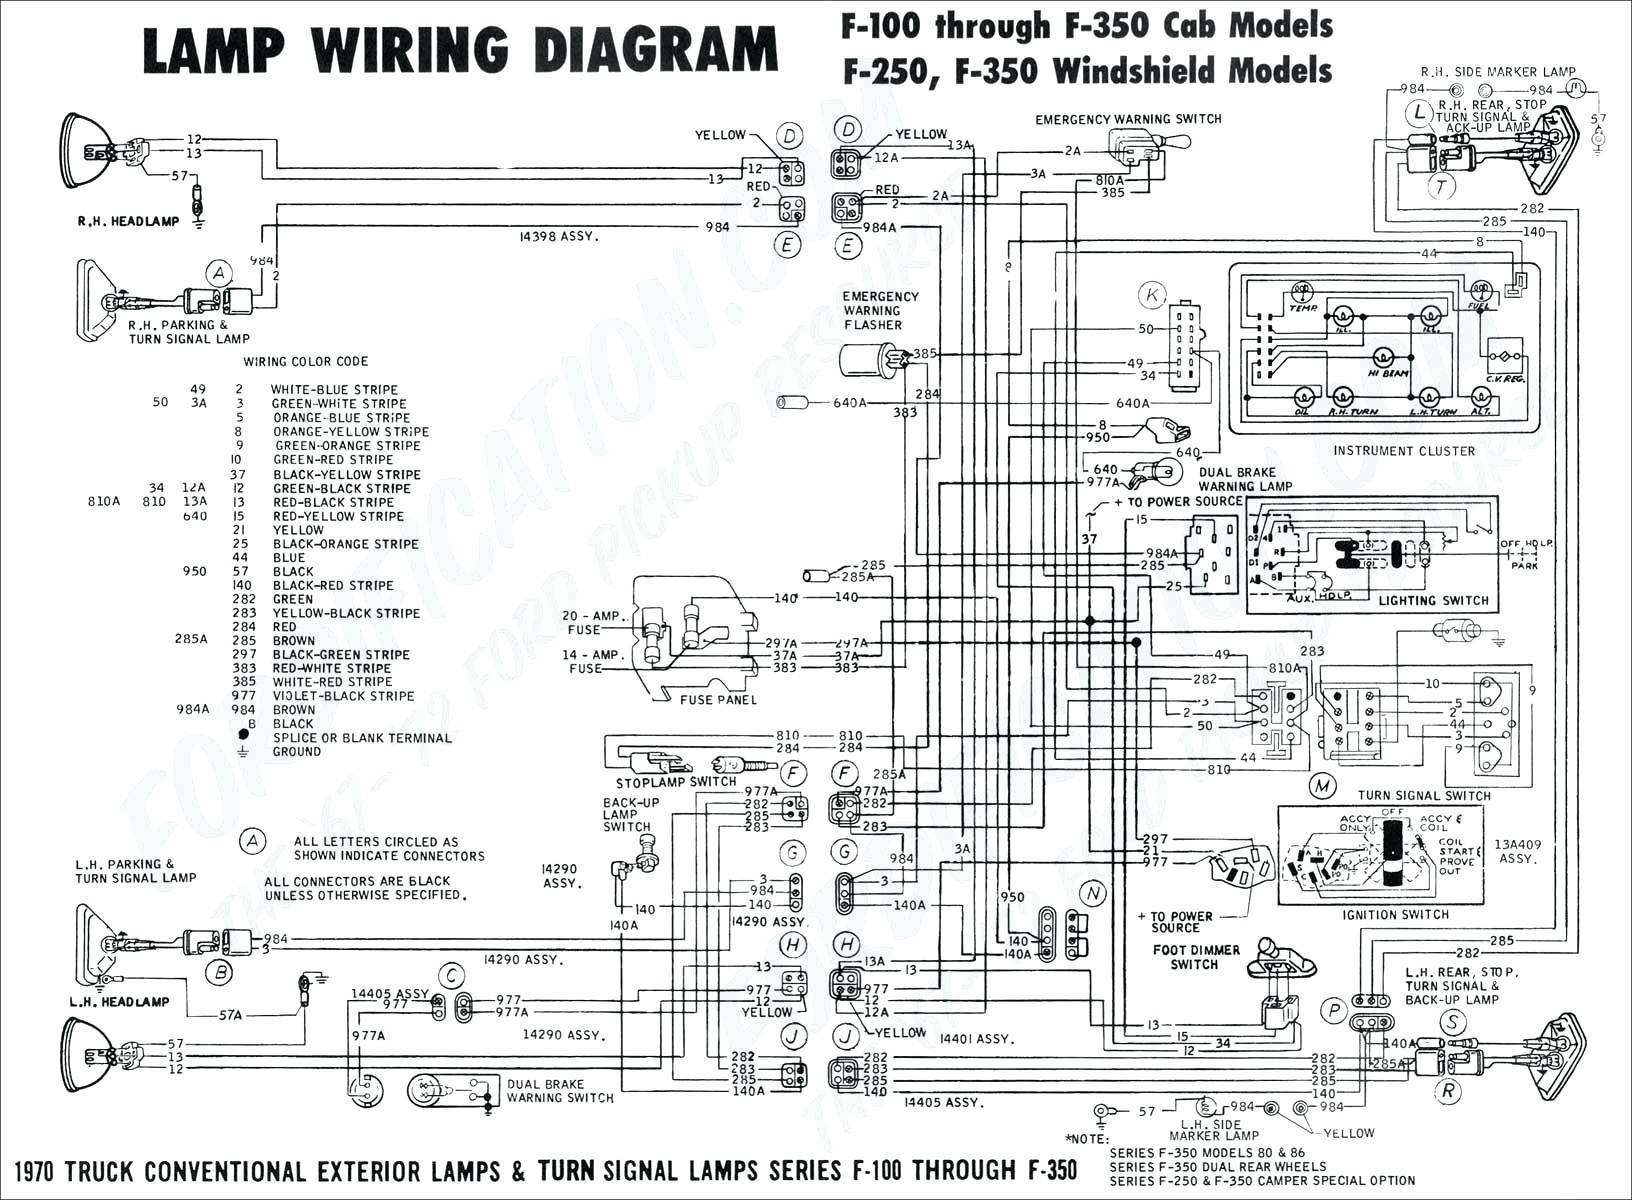 Westinghouse Ac Motor Wiring Diagram Motor Control Circuit Diagrams Motor Repalcement Parts and Diagram Of Westinghouse Ac Motor Wiring Diagram